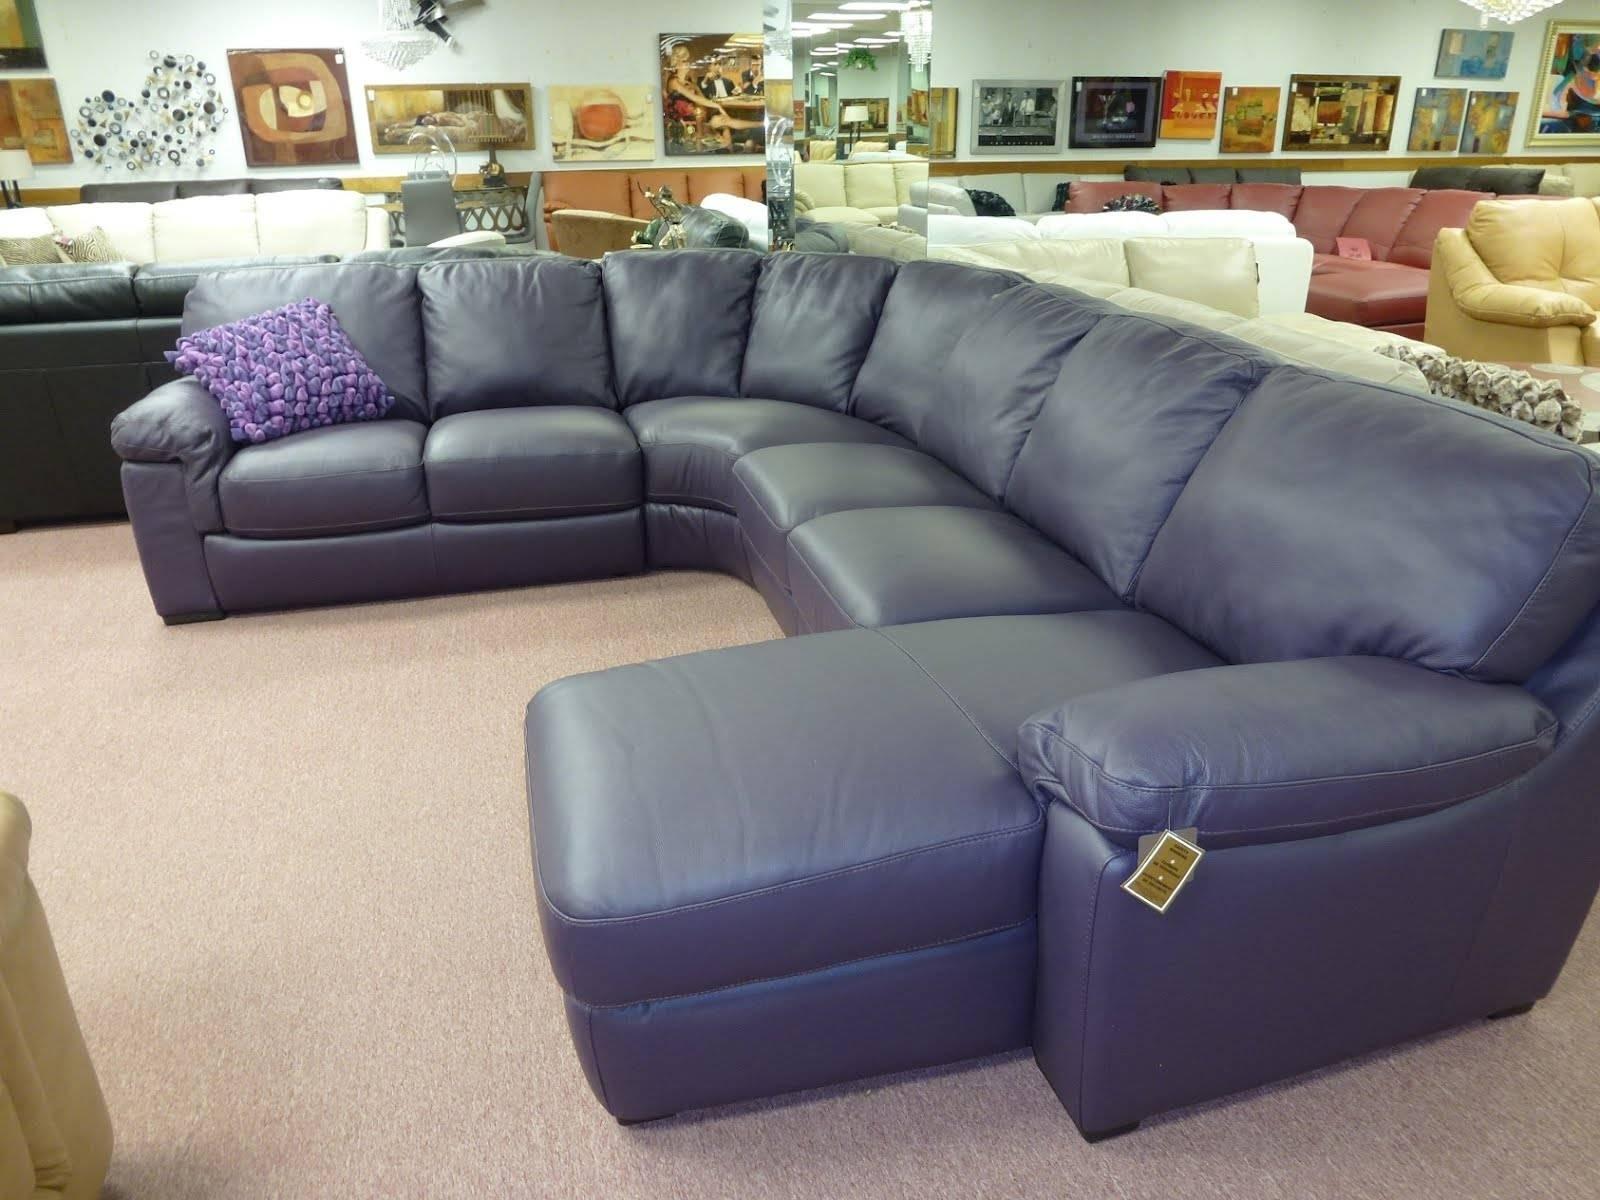 Natuzzi Leather Sectional Sofa 95 With Natuzzi Leather Sectional intended for Blue Leather Sectional Sofas (Image 11 of 15)